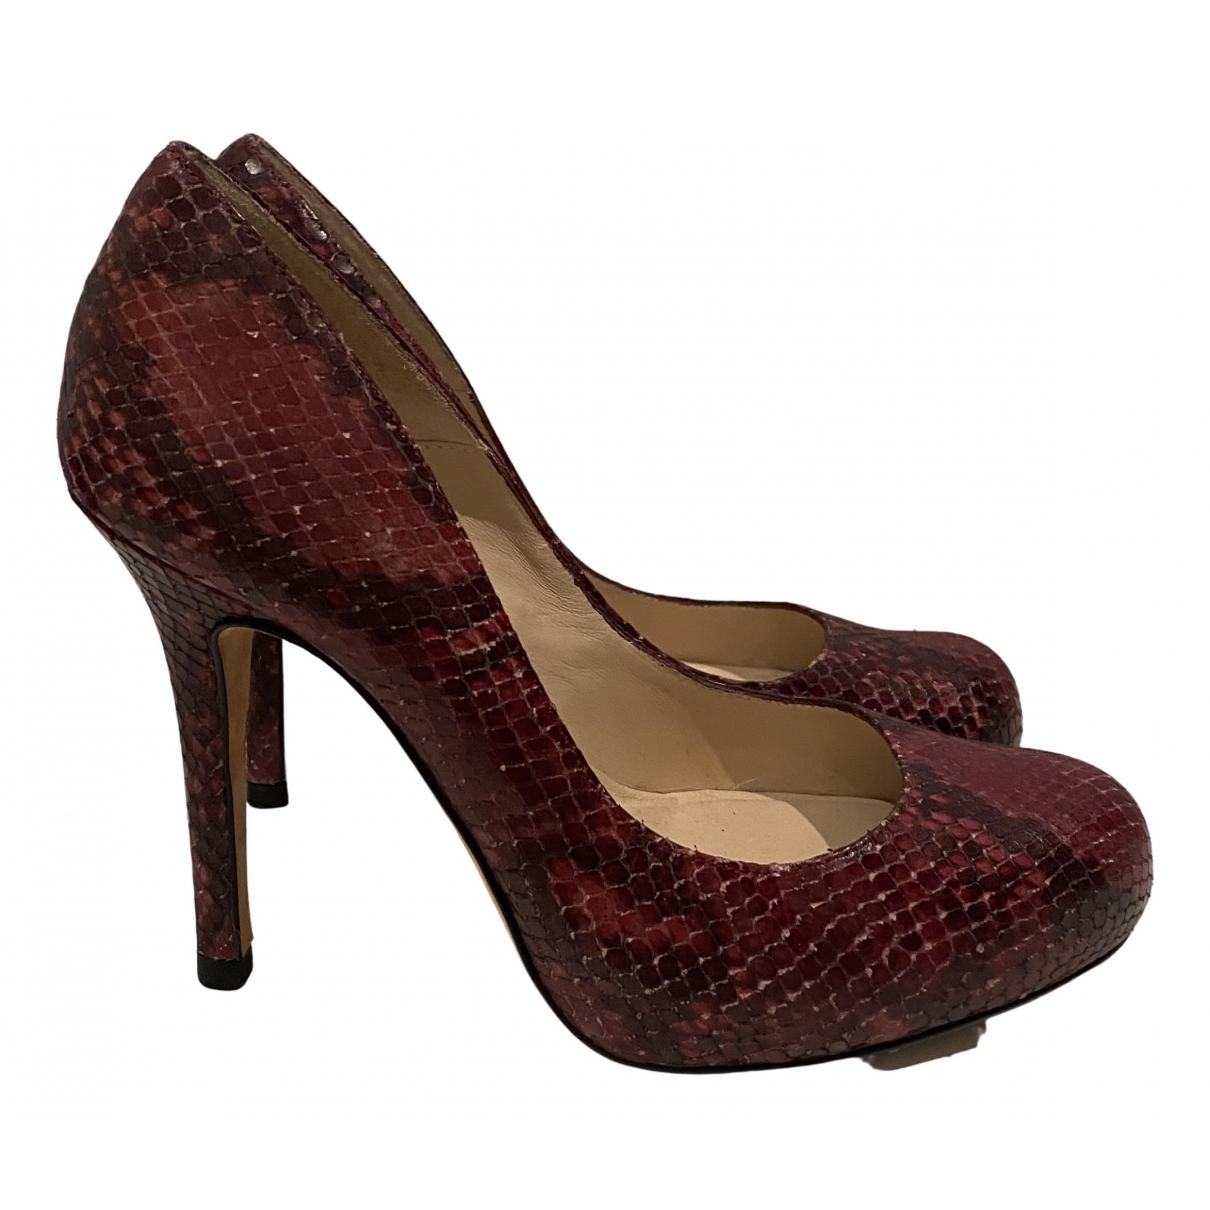 Lk Bennett - Escarpins   pour femme en cuir - multicolore